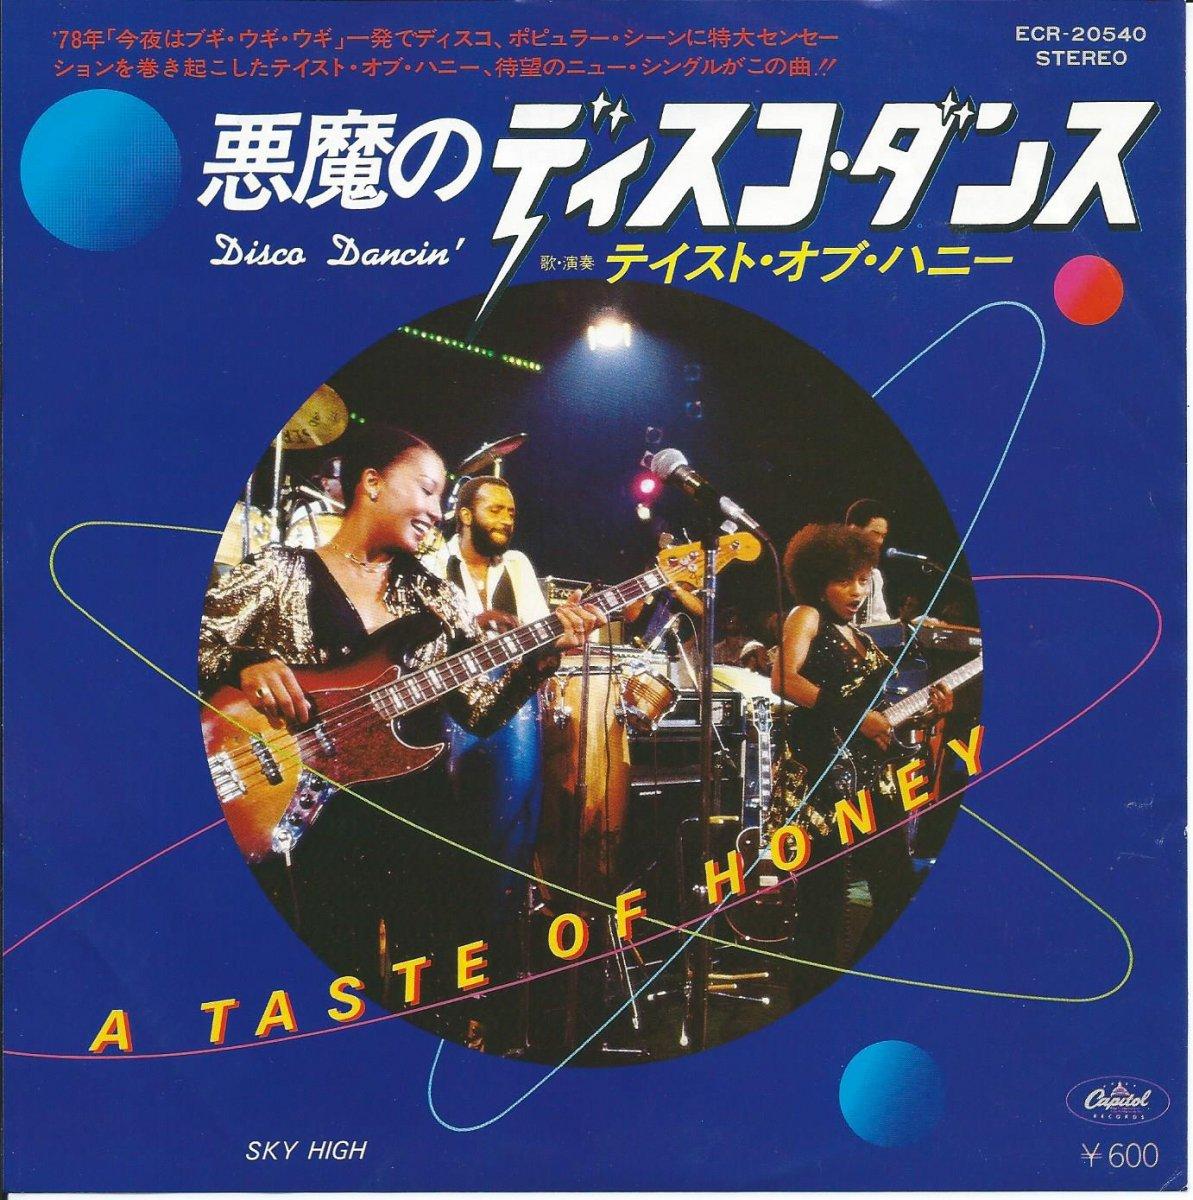 テイスト・オブ・ハニー A TASTE OF HONEY / 悪魔のディスコ・ダンス DISCO DANCIN' (7